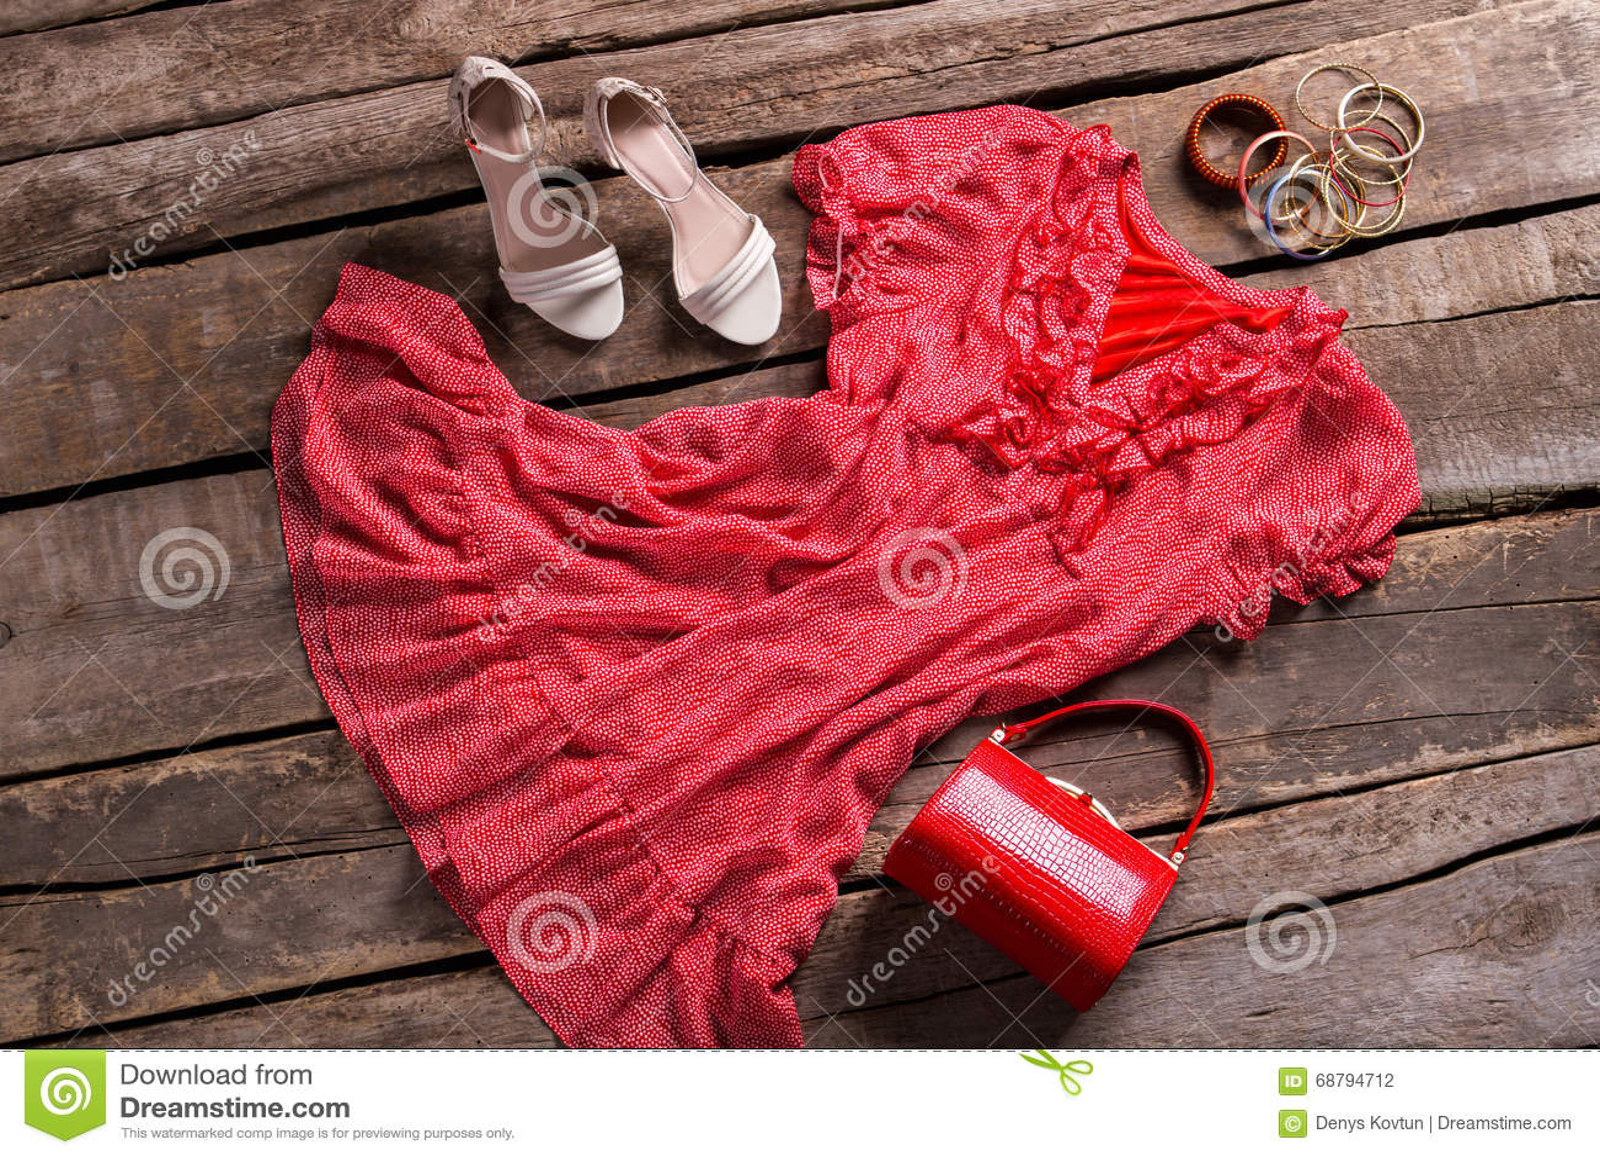 791e8d466be Robe Rouge Avec Les Accessoires Lumineux Photo stock - Image du ...